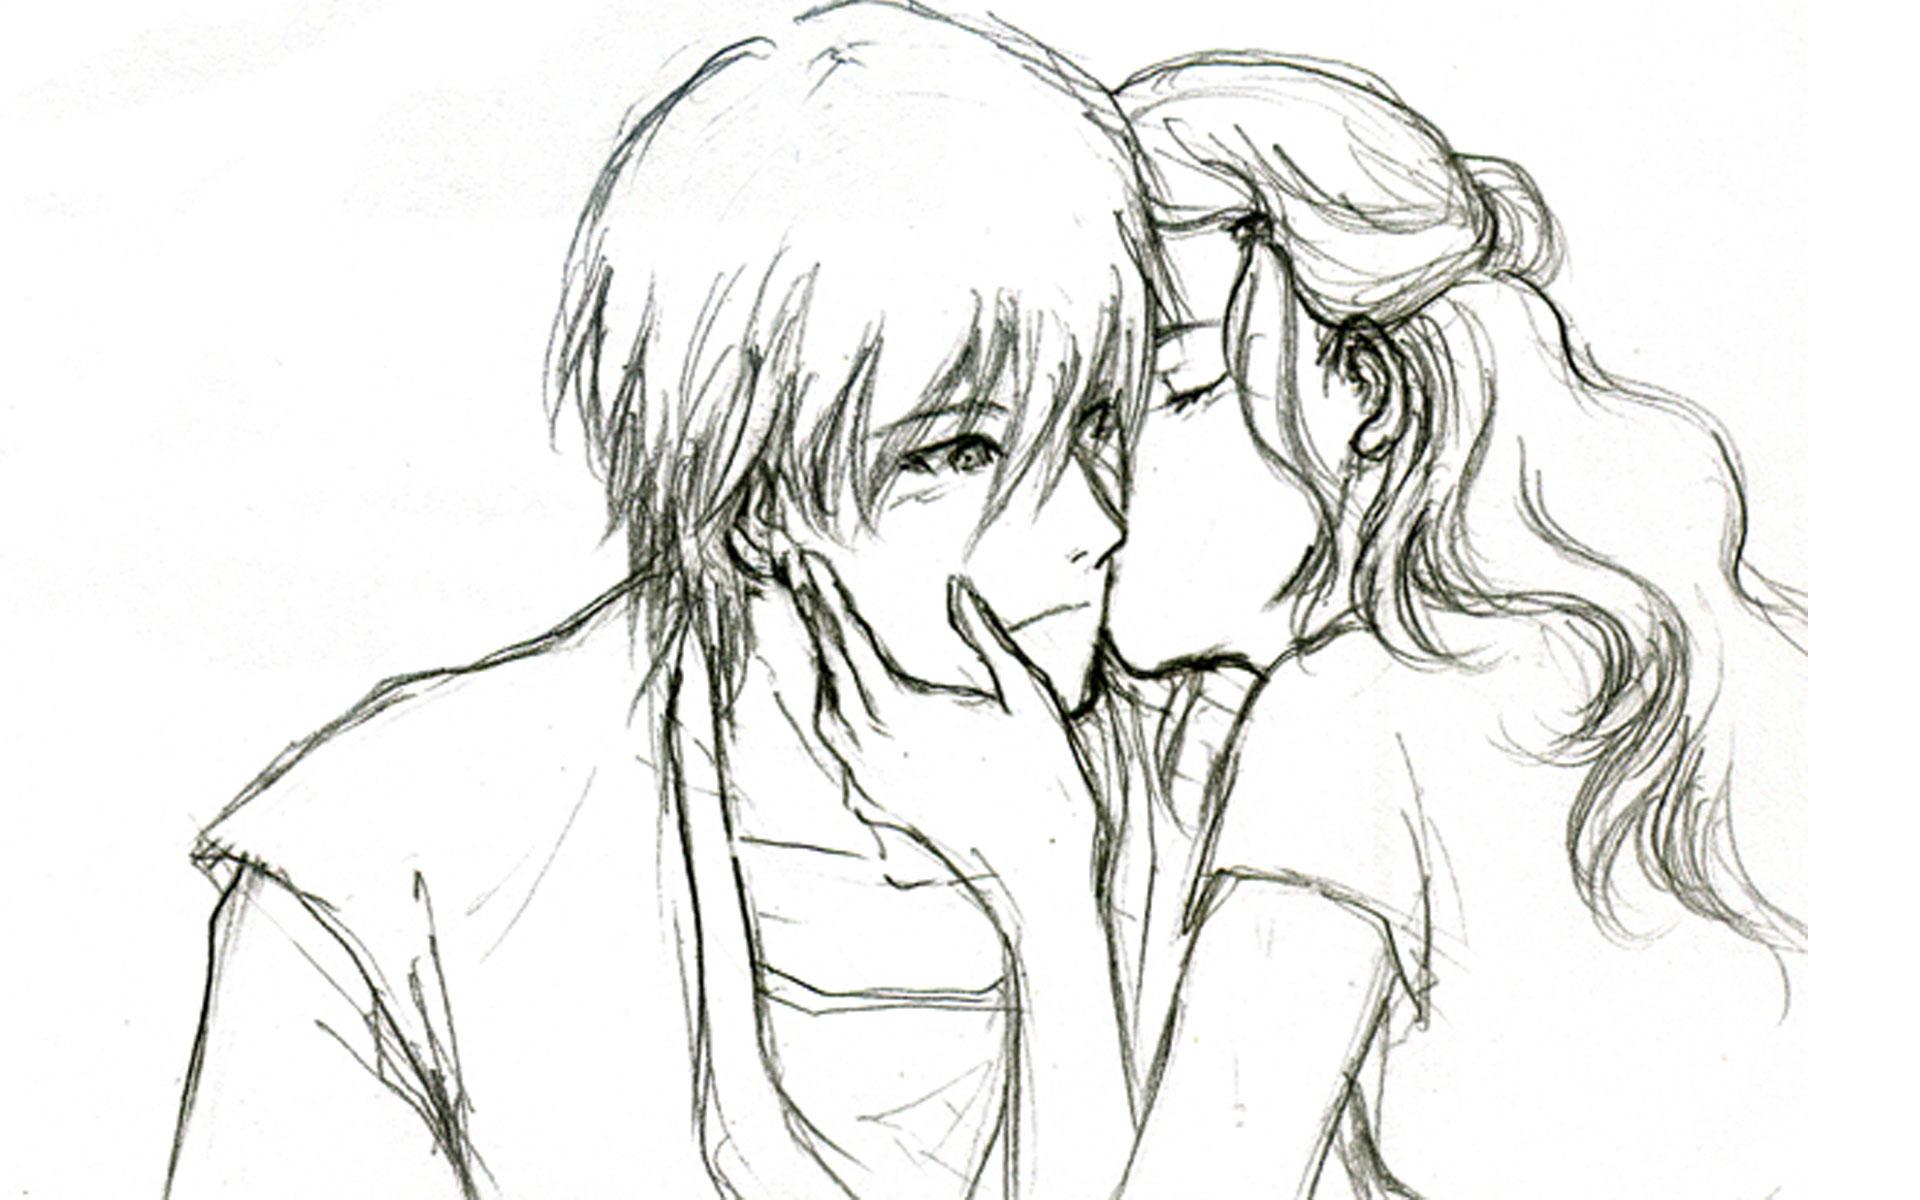 1920x1200 Hugging In Bed Drawings Two People In Love Hugging Drawings 21